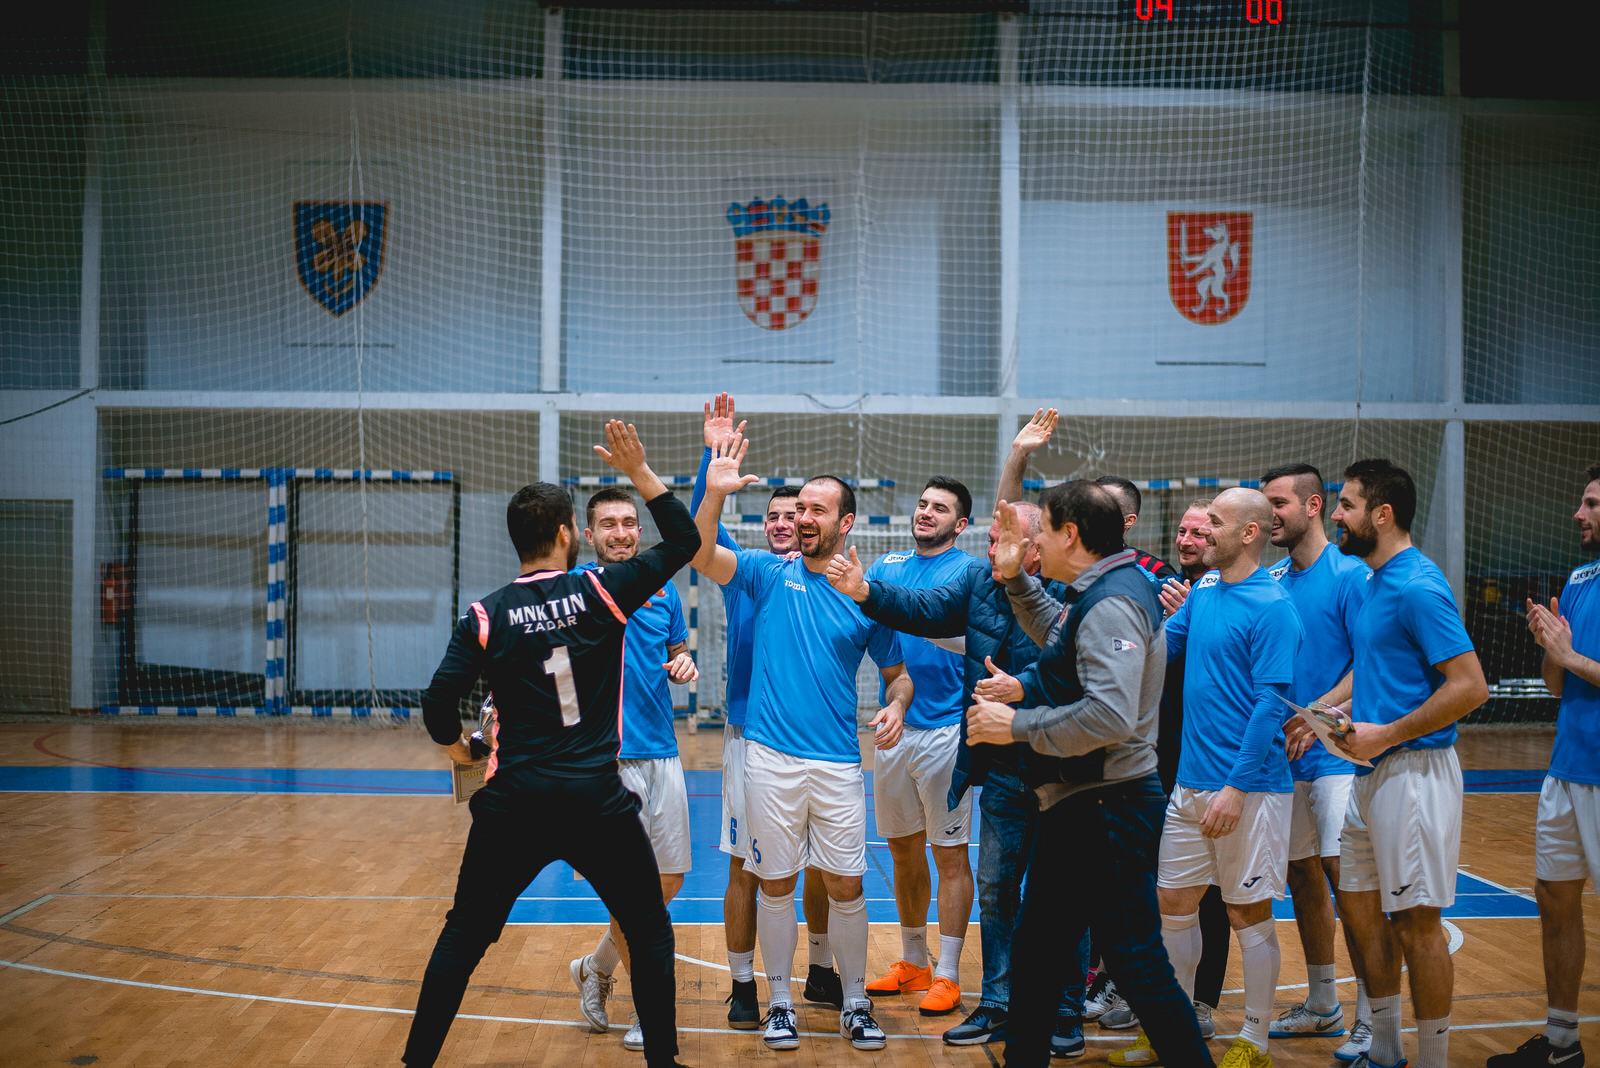 likaclub_gospić_zimski-malonogometni-turnir-2018-19-98